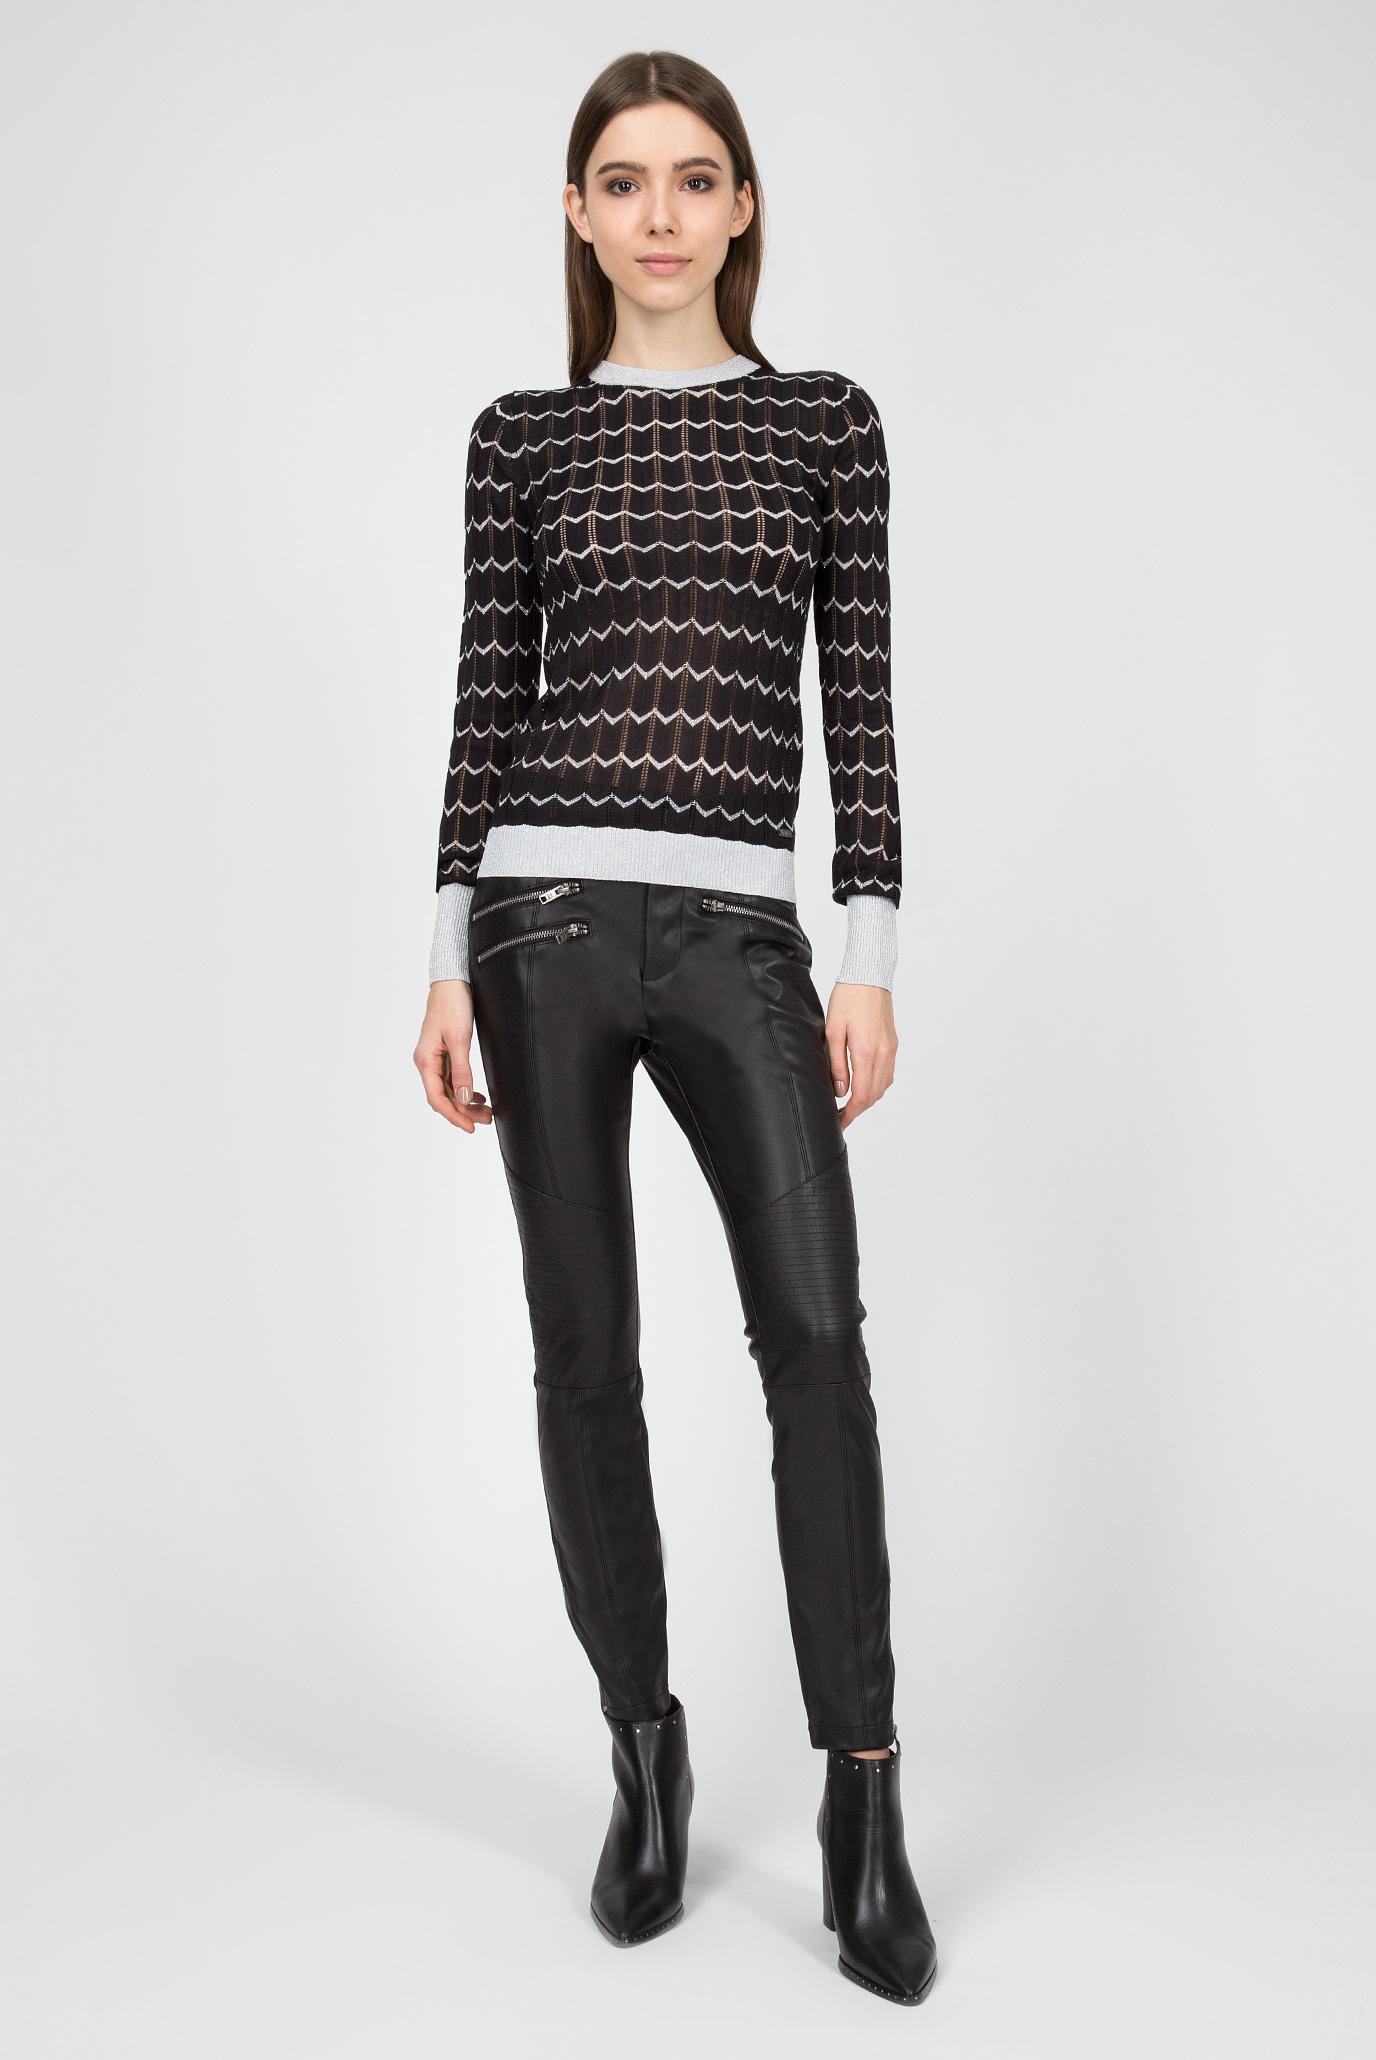 Купить Женский черный джемпер CORA Pepe Jeans Pepe Jeans PL701360 – Киев, Украина. Цены в интернет магазине MD Fashion